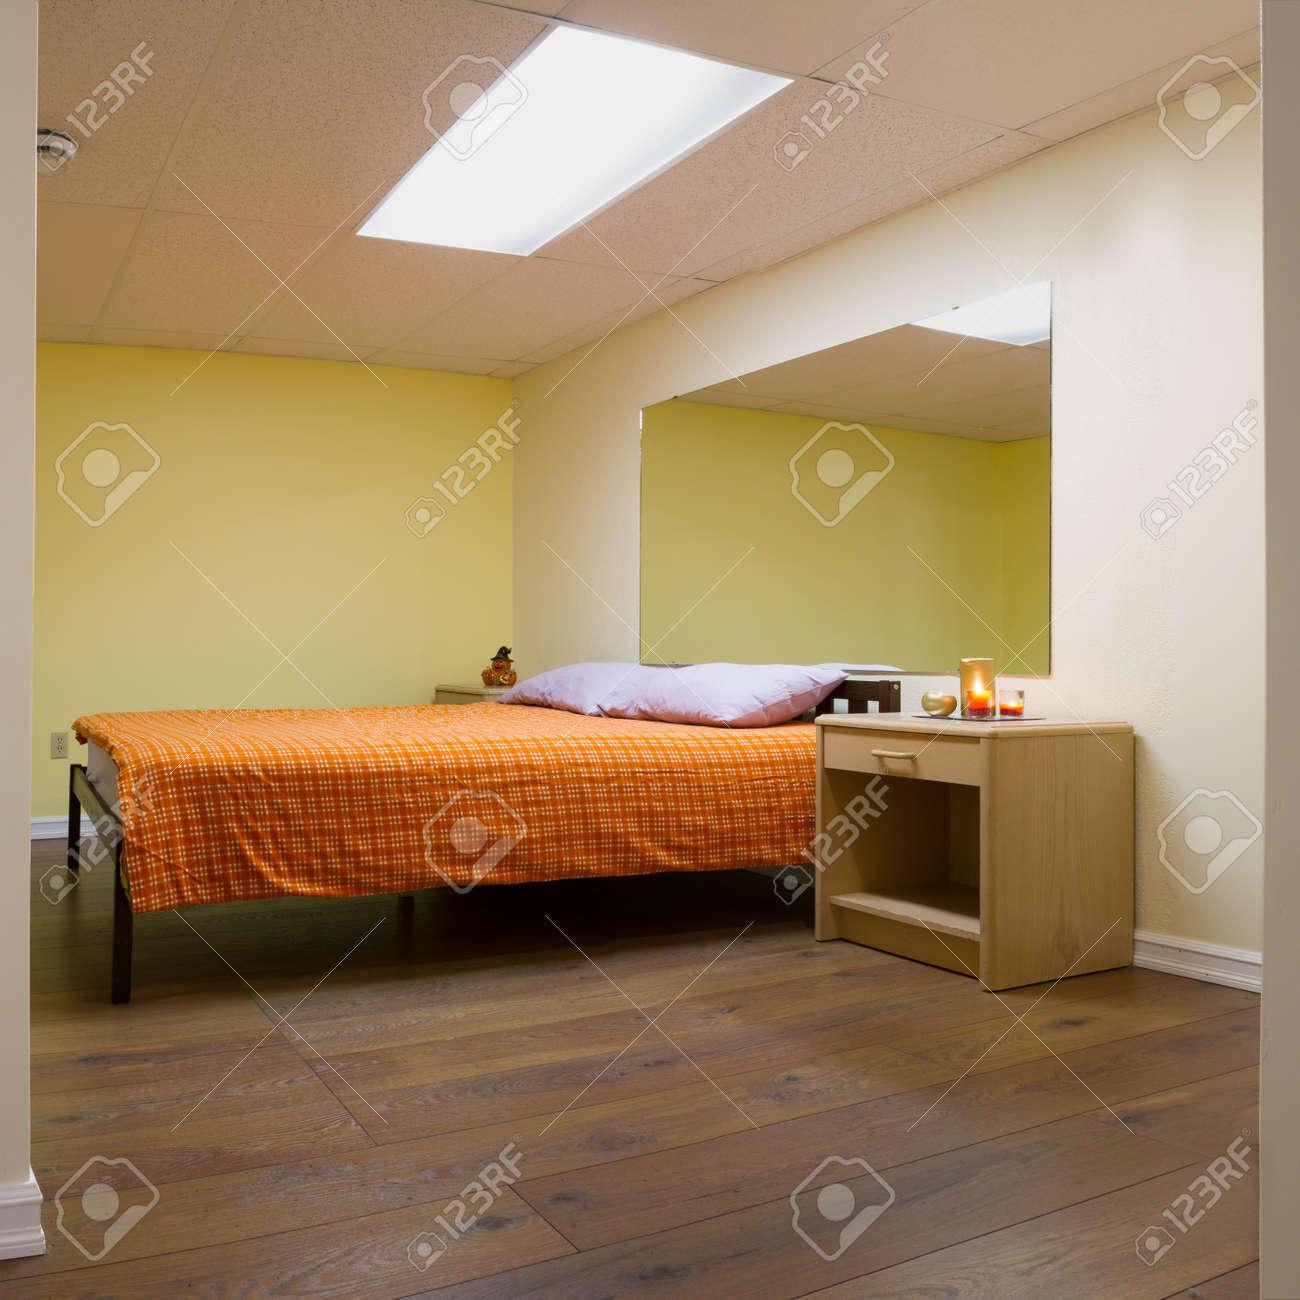 Chambre Design D Interieur Avec Des Meubles Dans Une Nouvelle Maison